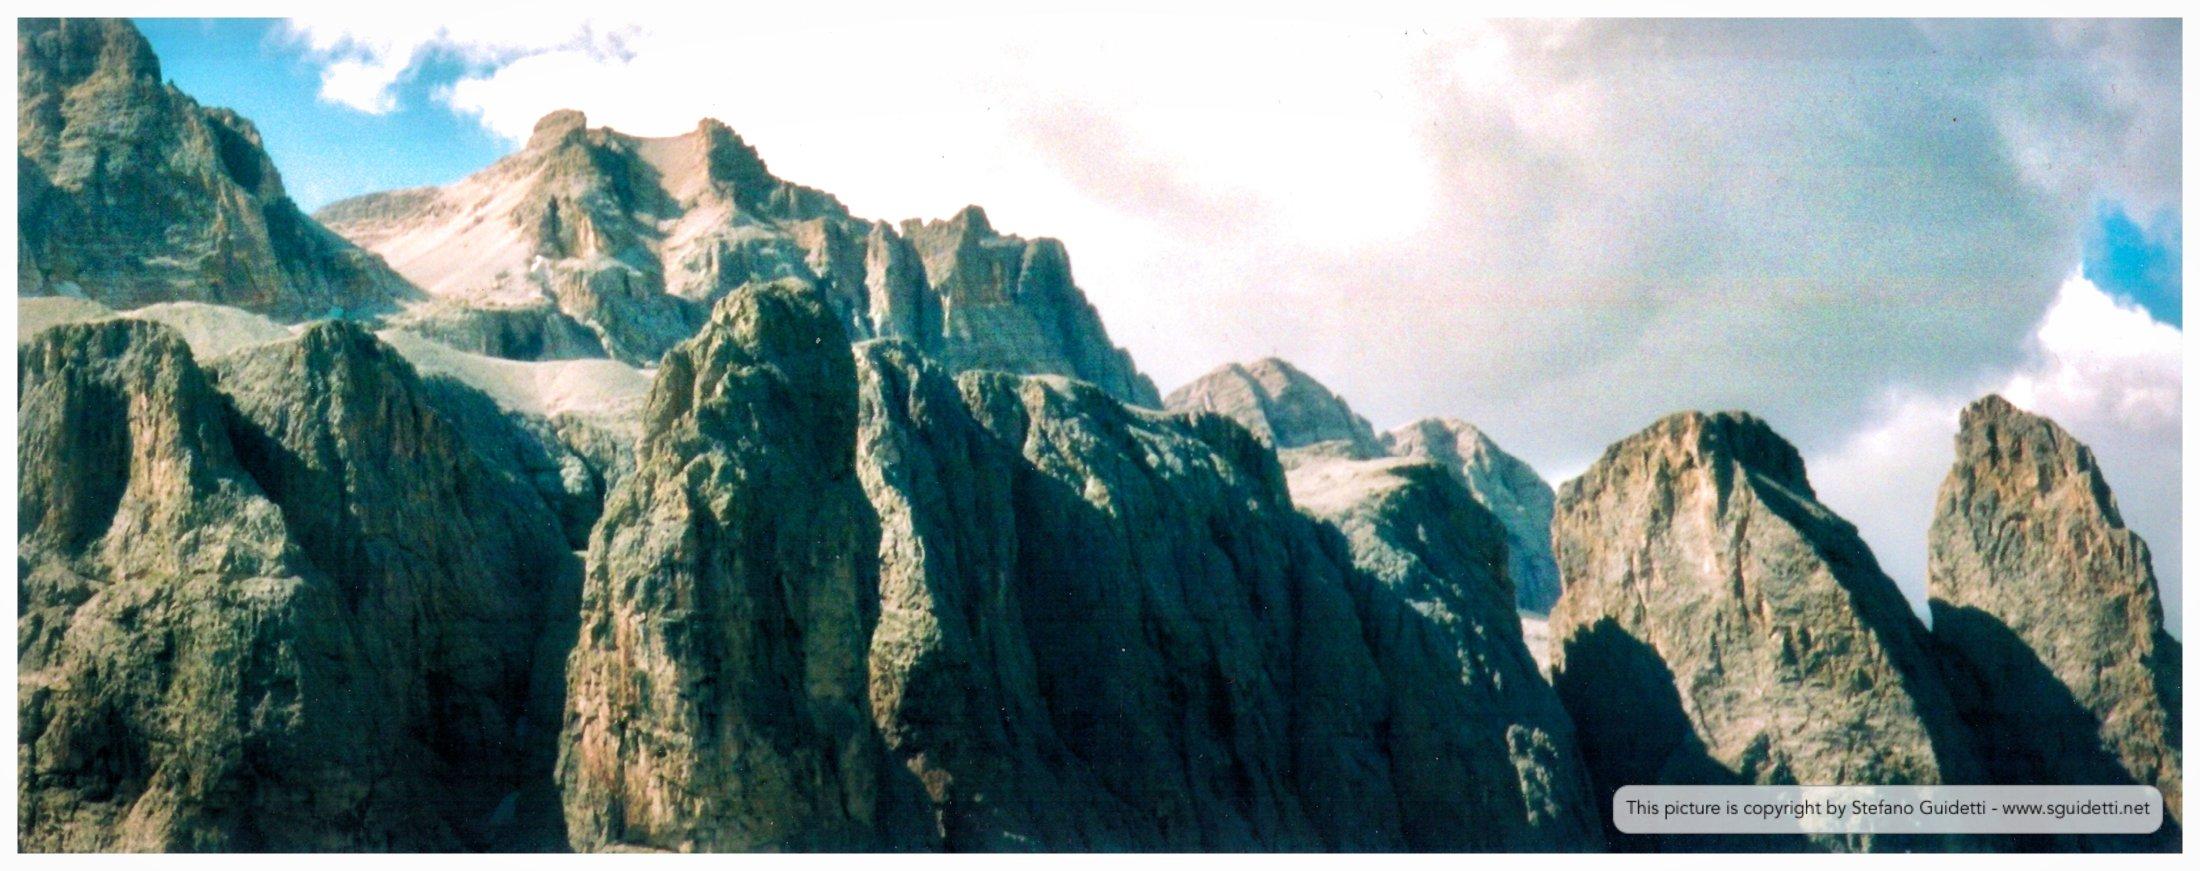 landscapes_20020824_IMG_0070